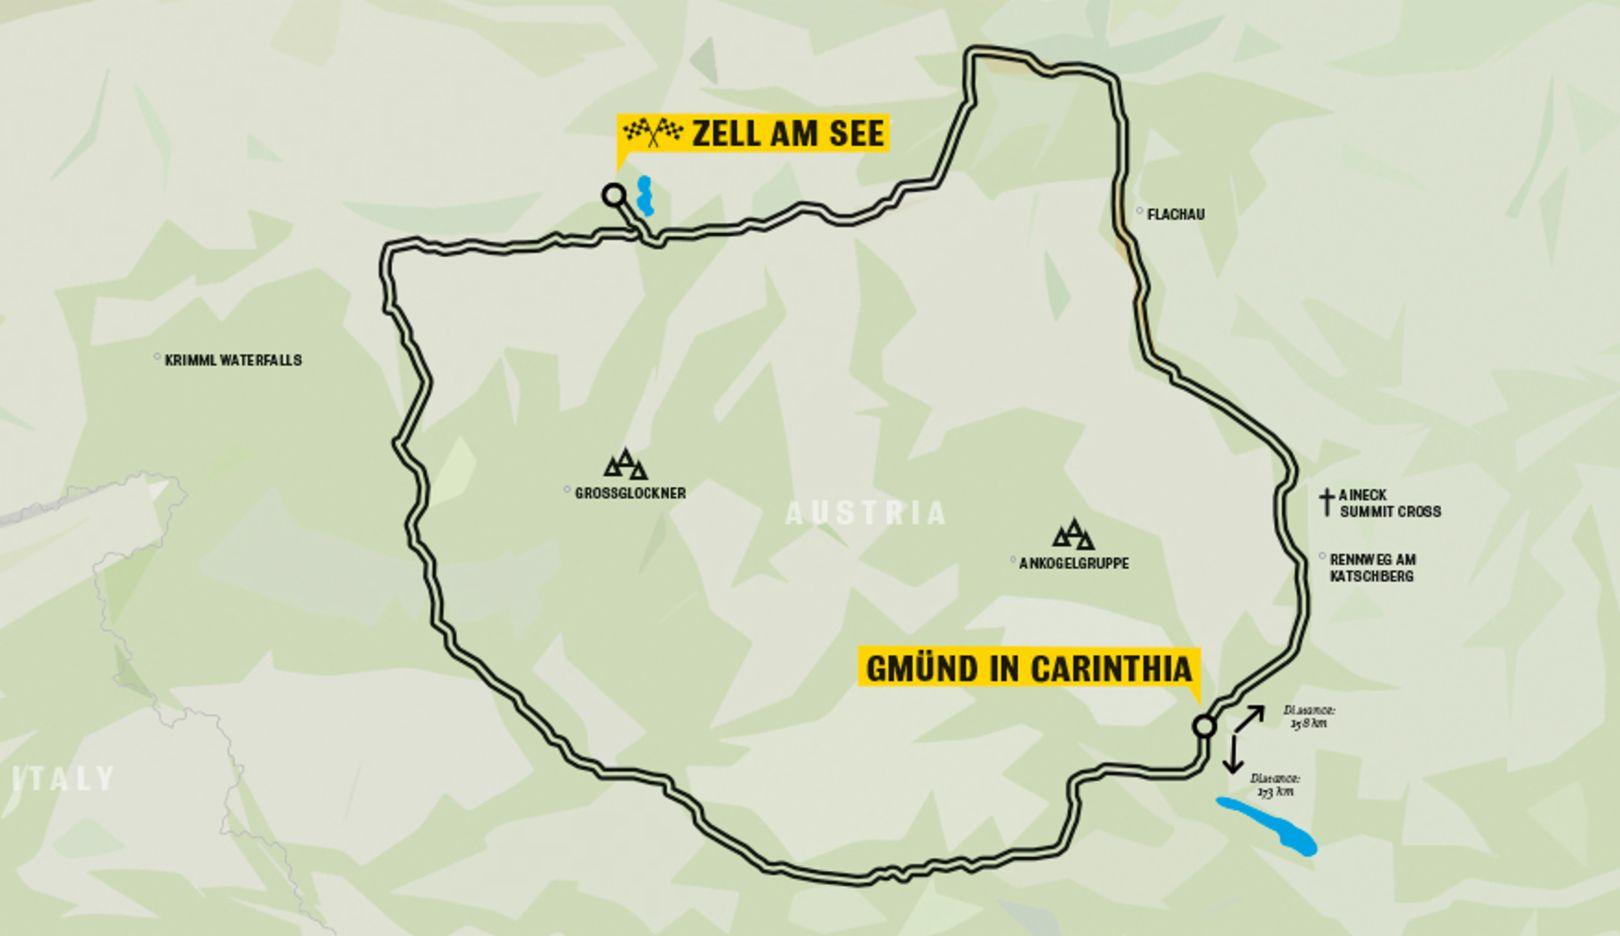 Track, Porsche plant Gmund, Zell am See, Porsche AG